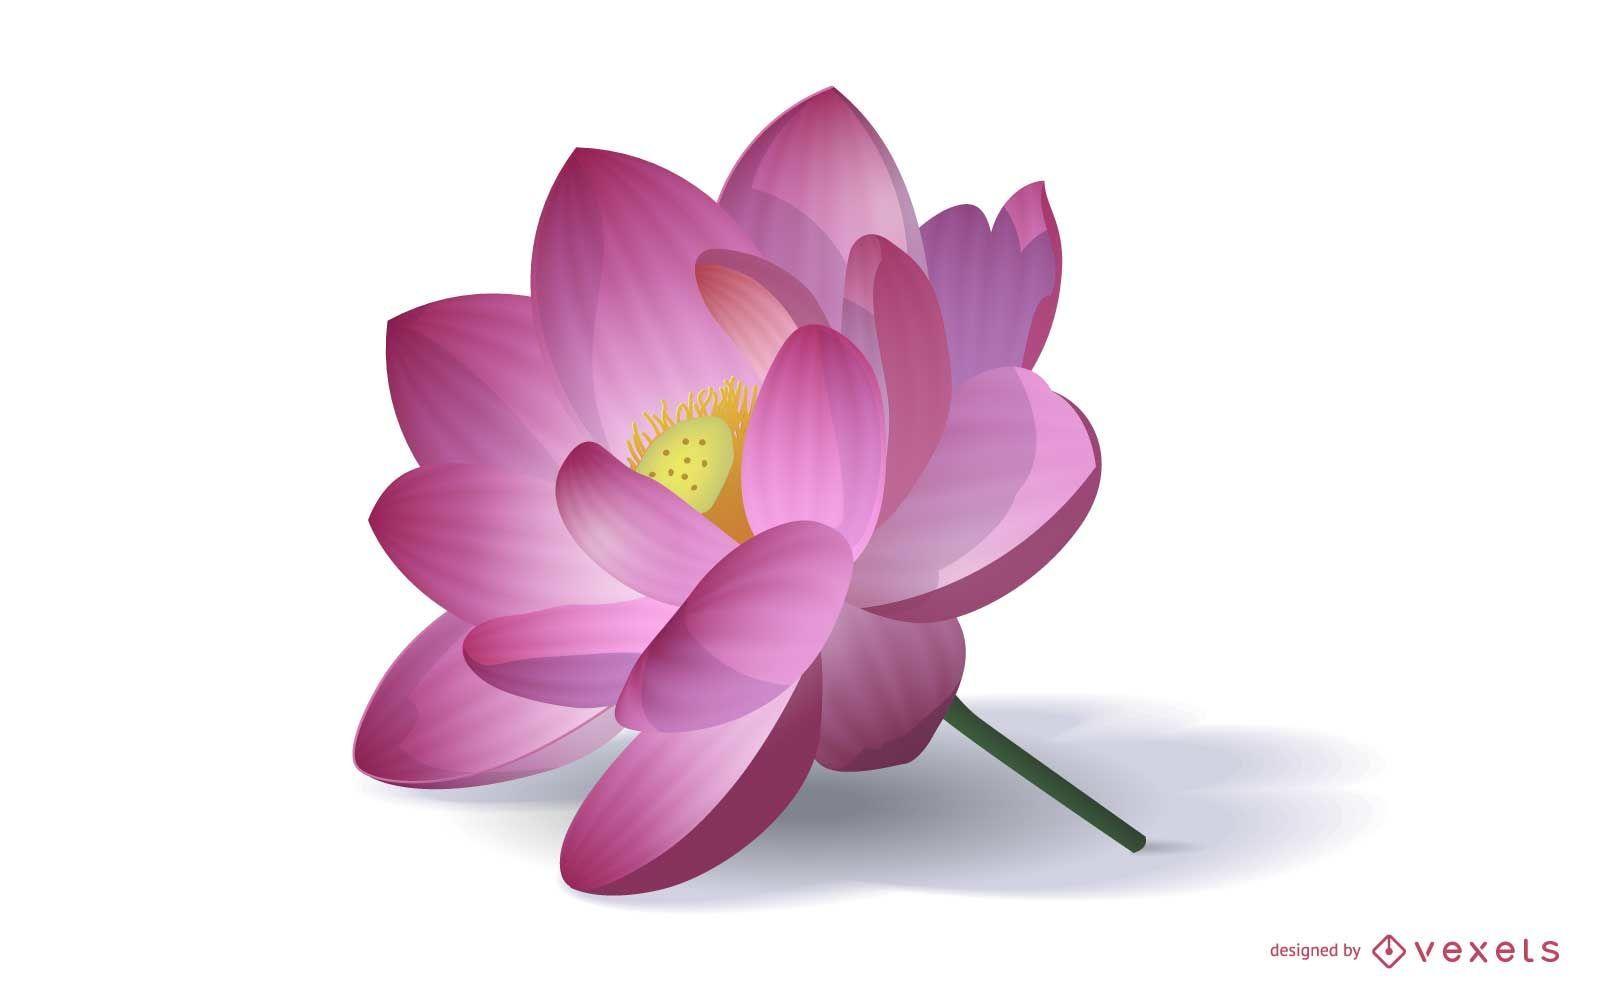 Ilustração realista da flor de lótus